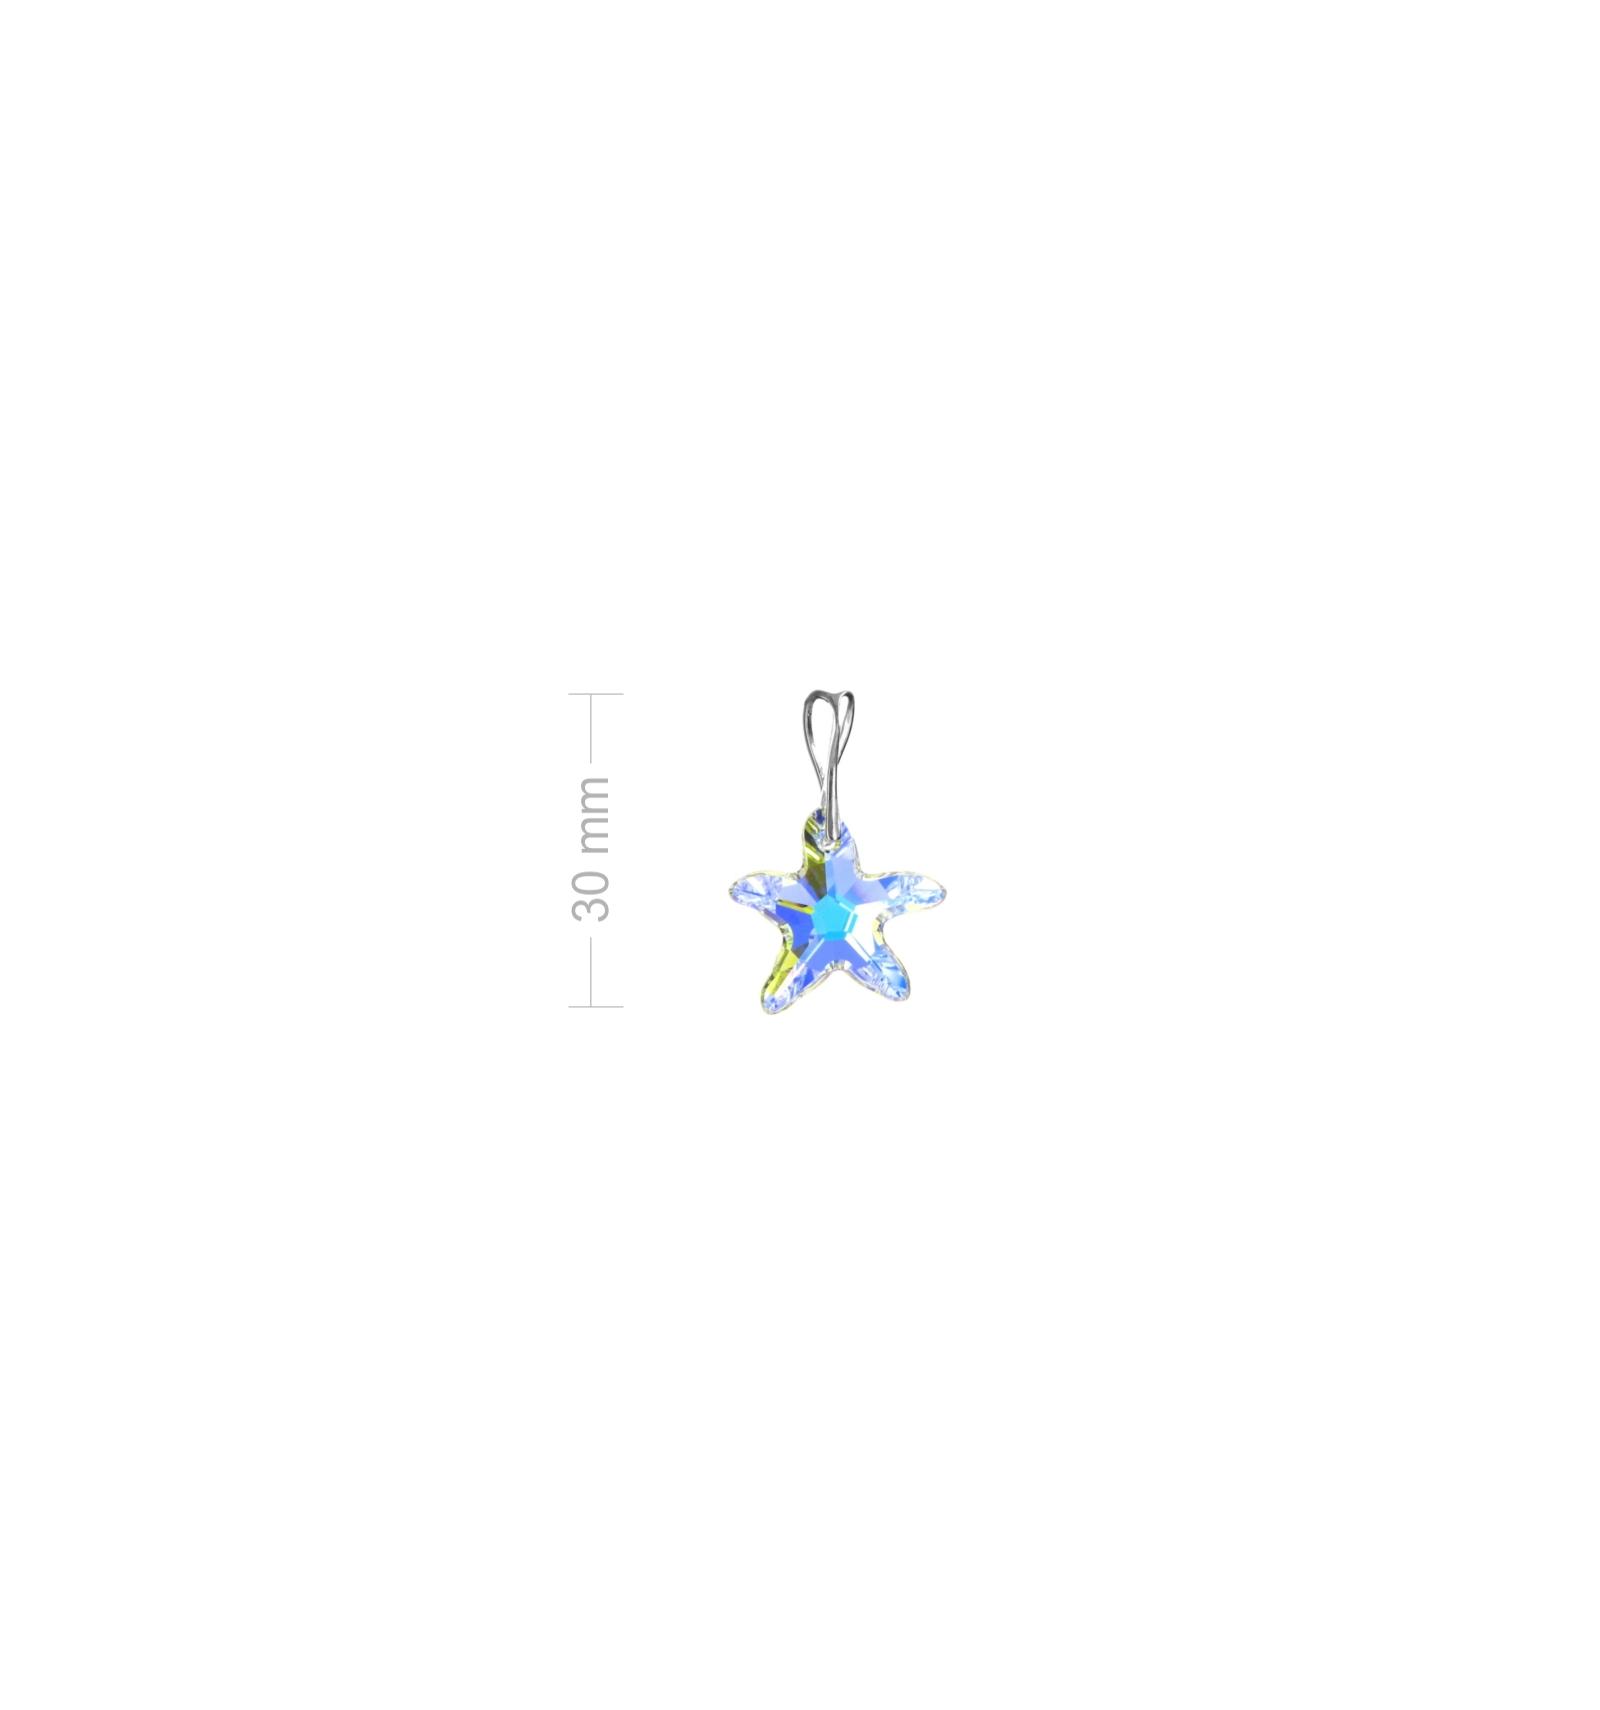 Strieborný prívesok so Swarovski elements AB hviezdica 20mm a6bdaee6959